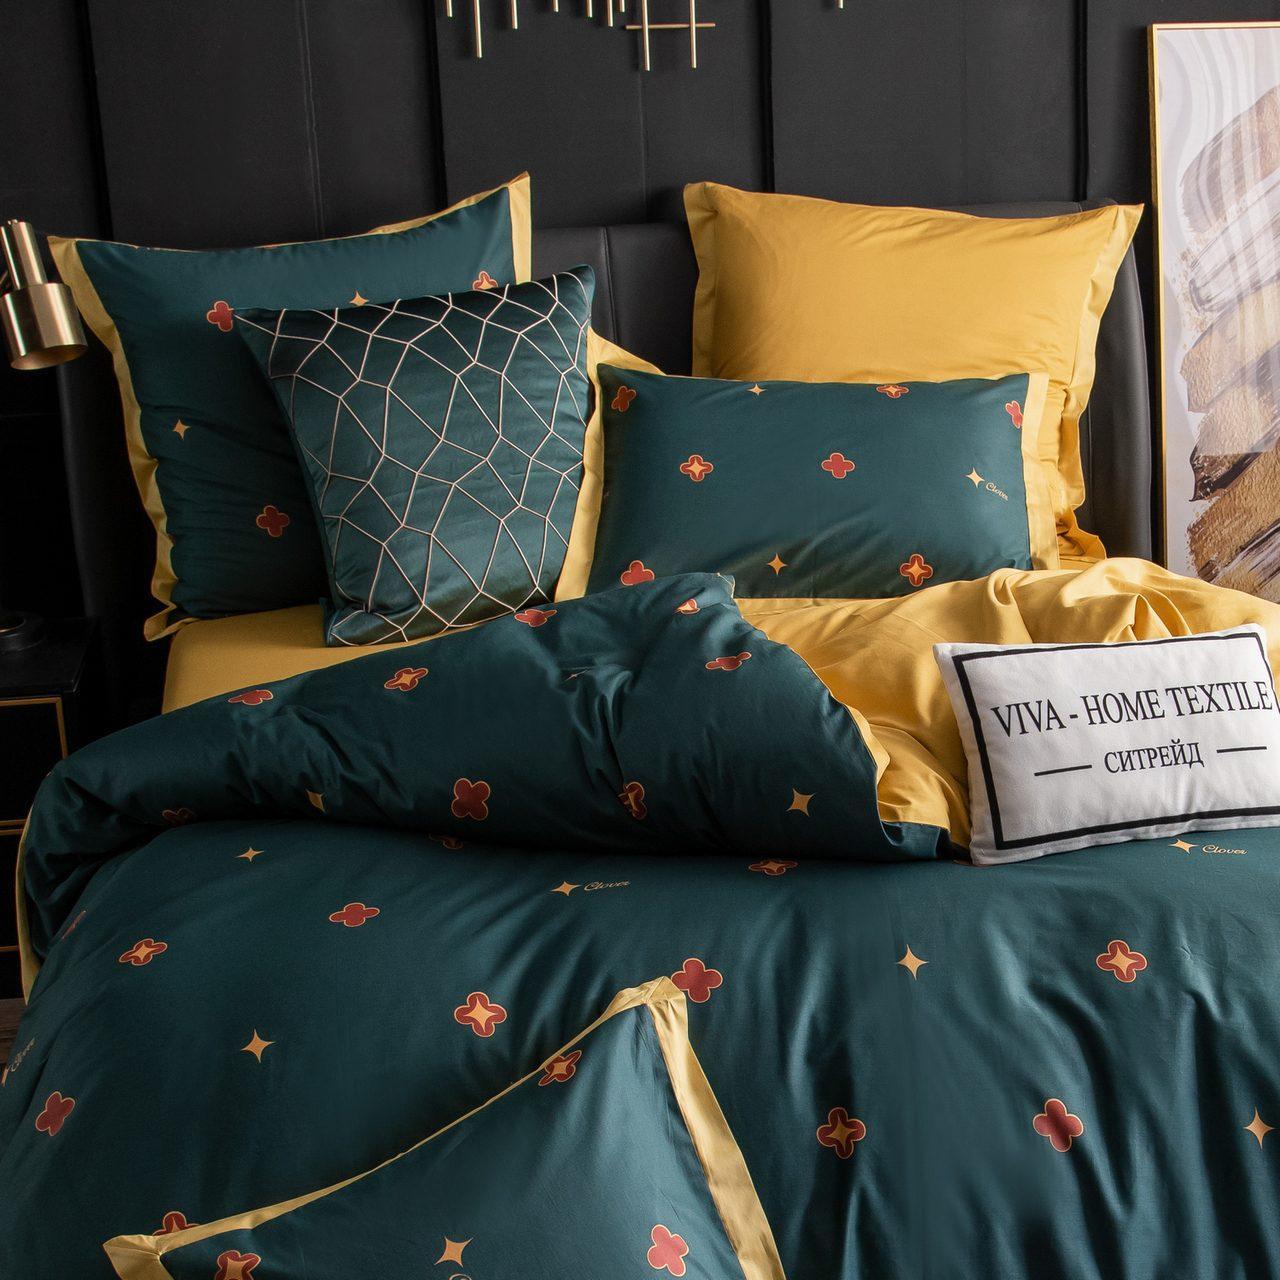 Комплект постельного белья Сатин Экстра - фото 3